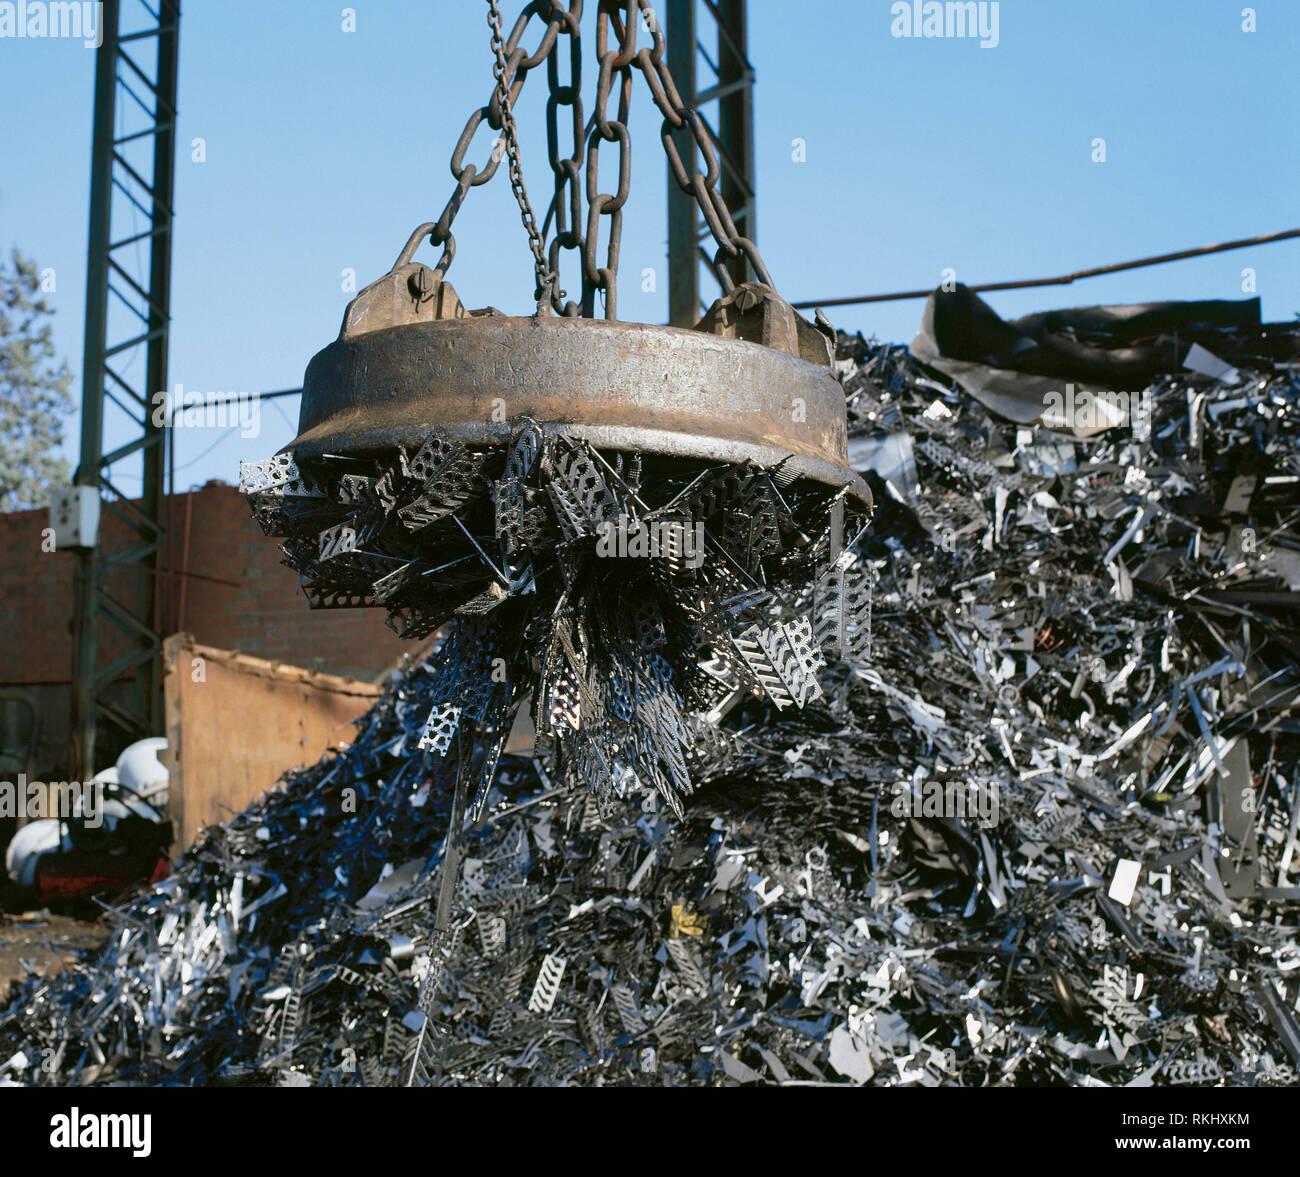 Electromagnet on crane lifting metal at scrap yard. Stock Photo